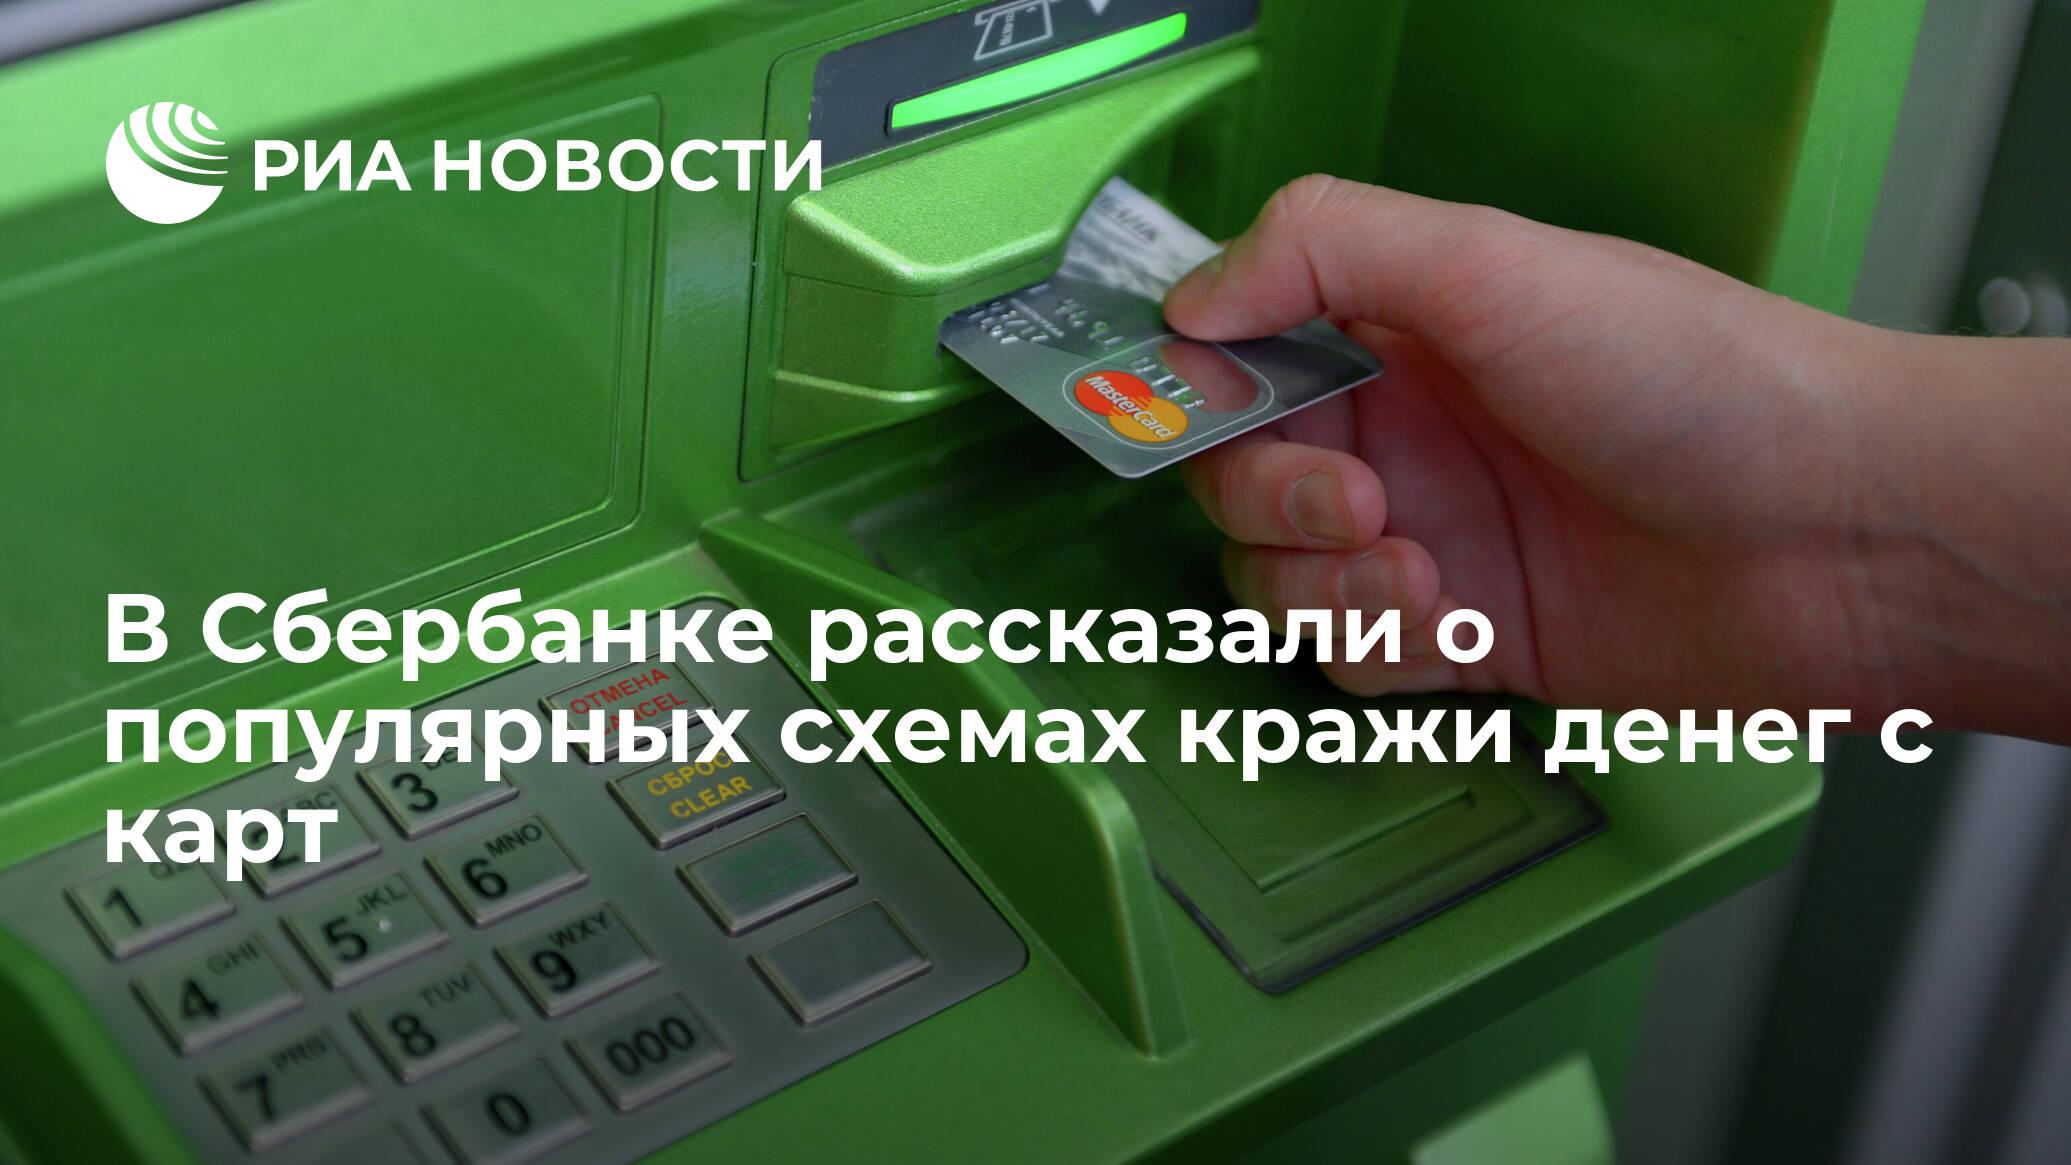 Можно ли перевести деньги с кредитной карты сбербанка на другую карту сбербанка 2020